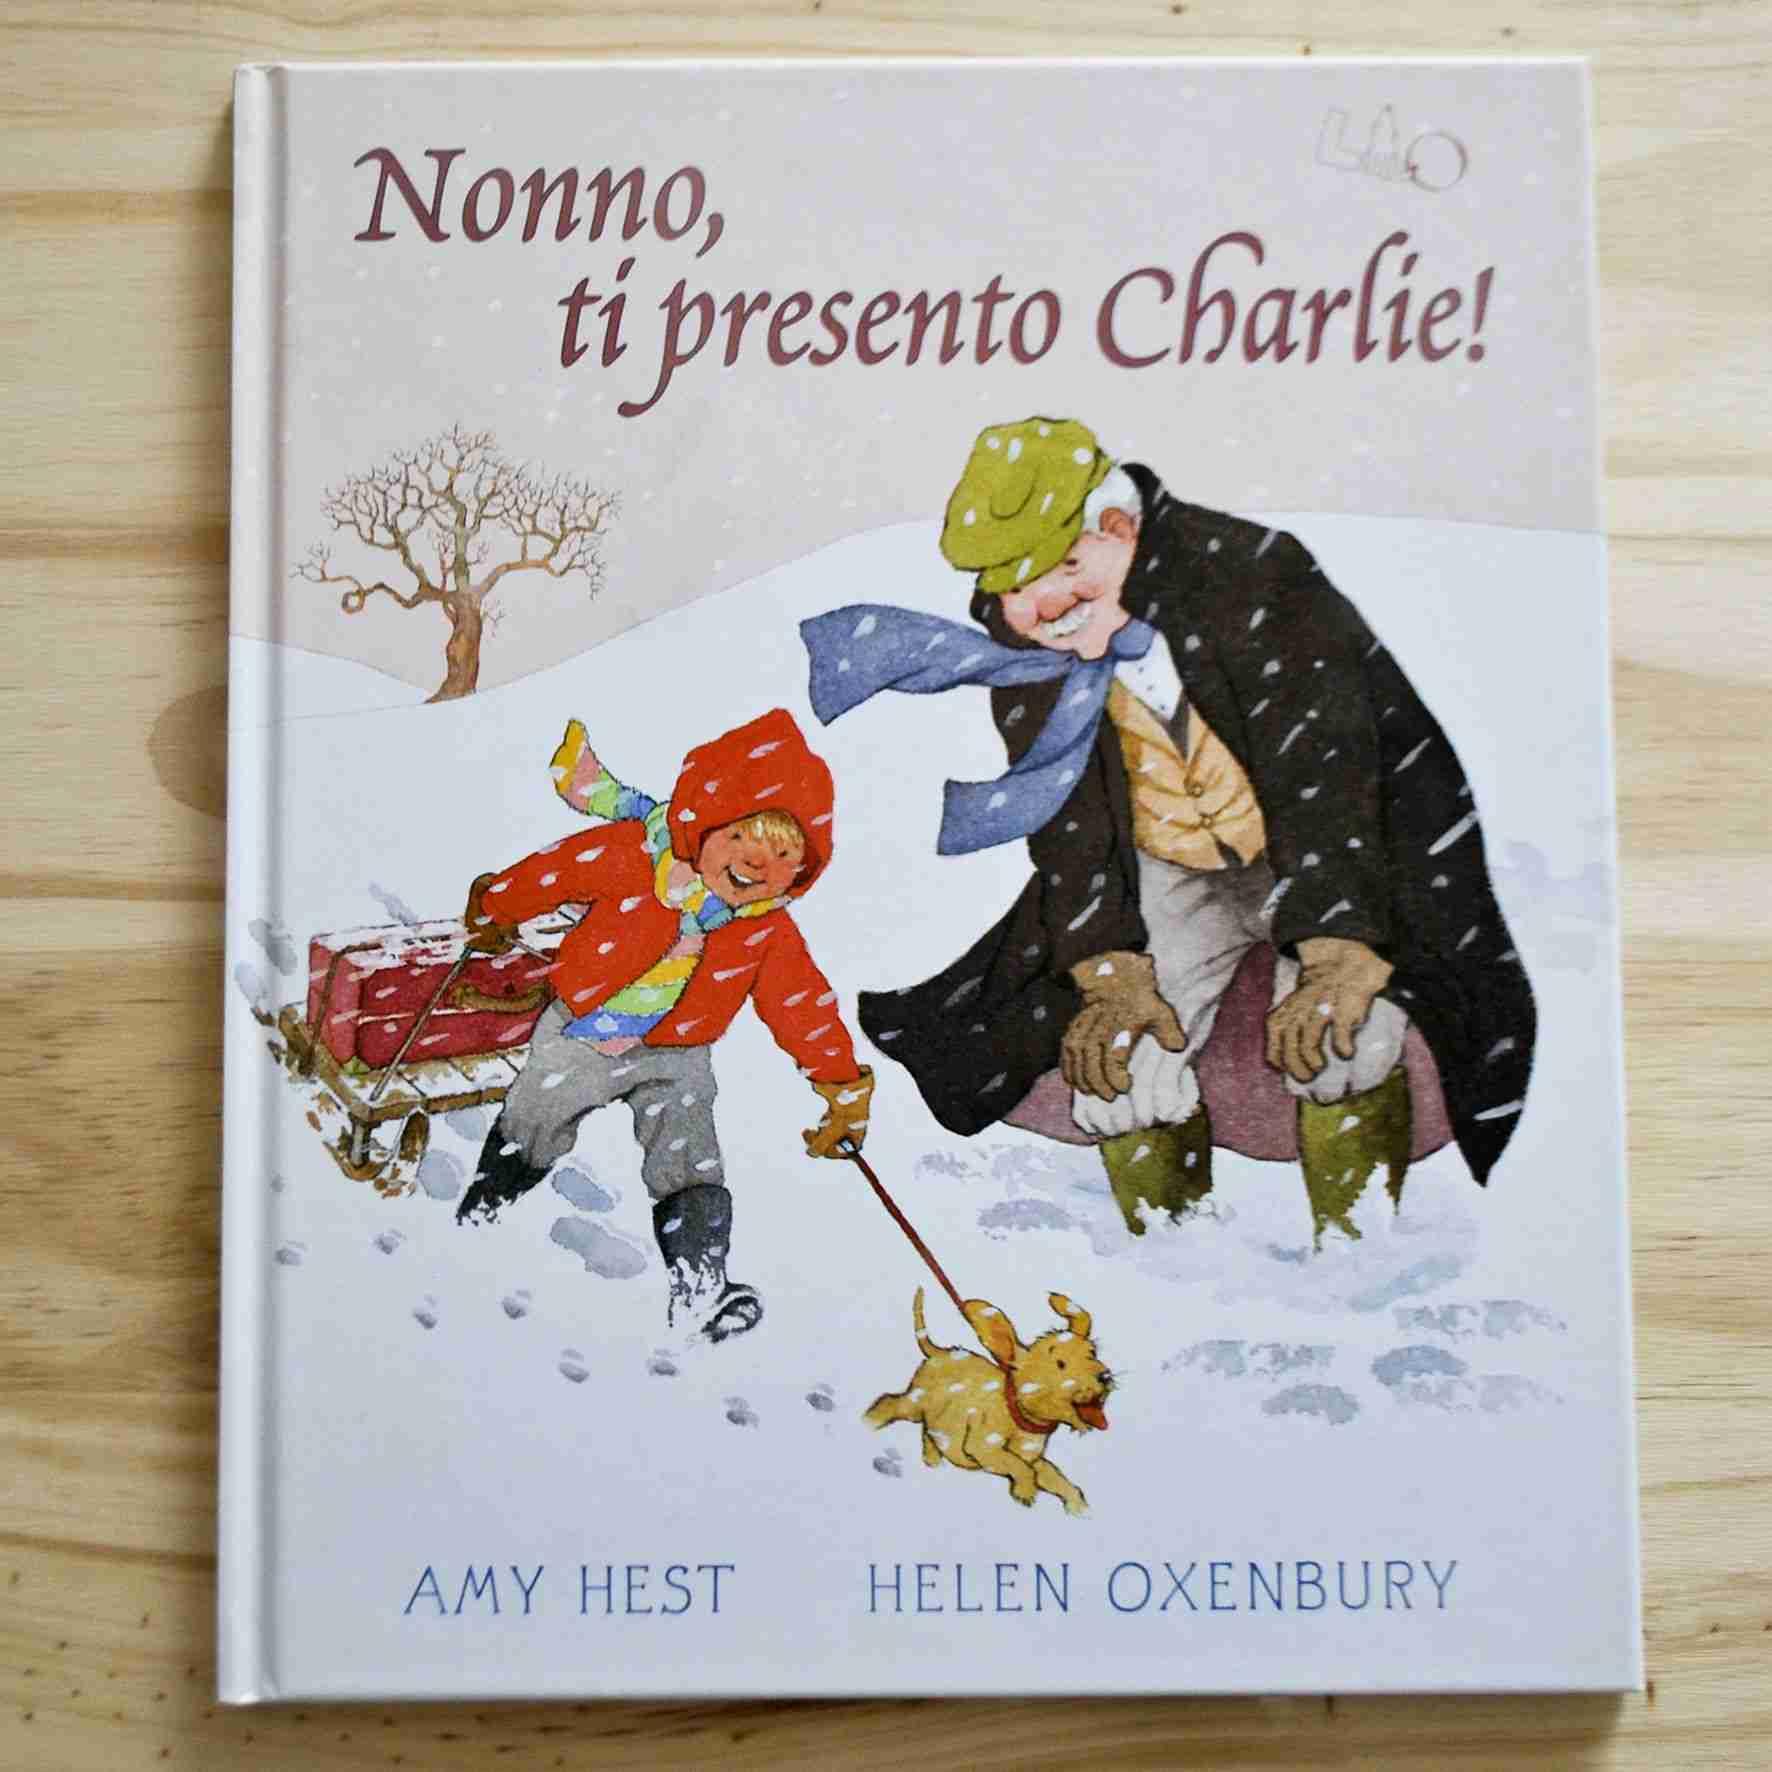 NONNO TI PRESENTO CHARLIE! di Amy Hest e Helen Oxenbury, LO éditions